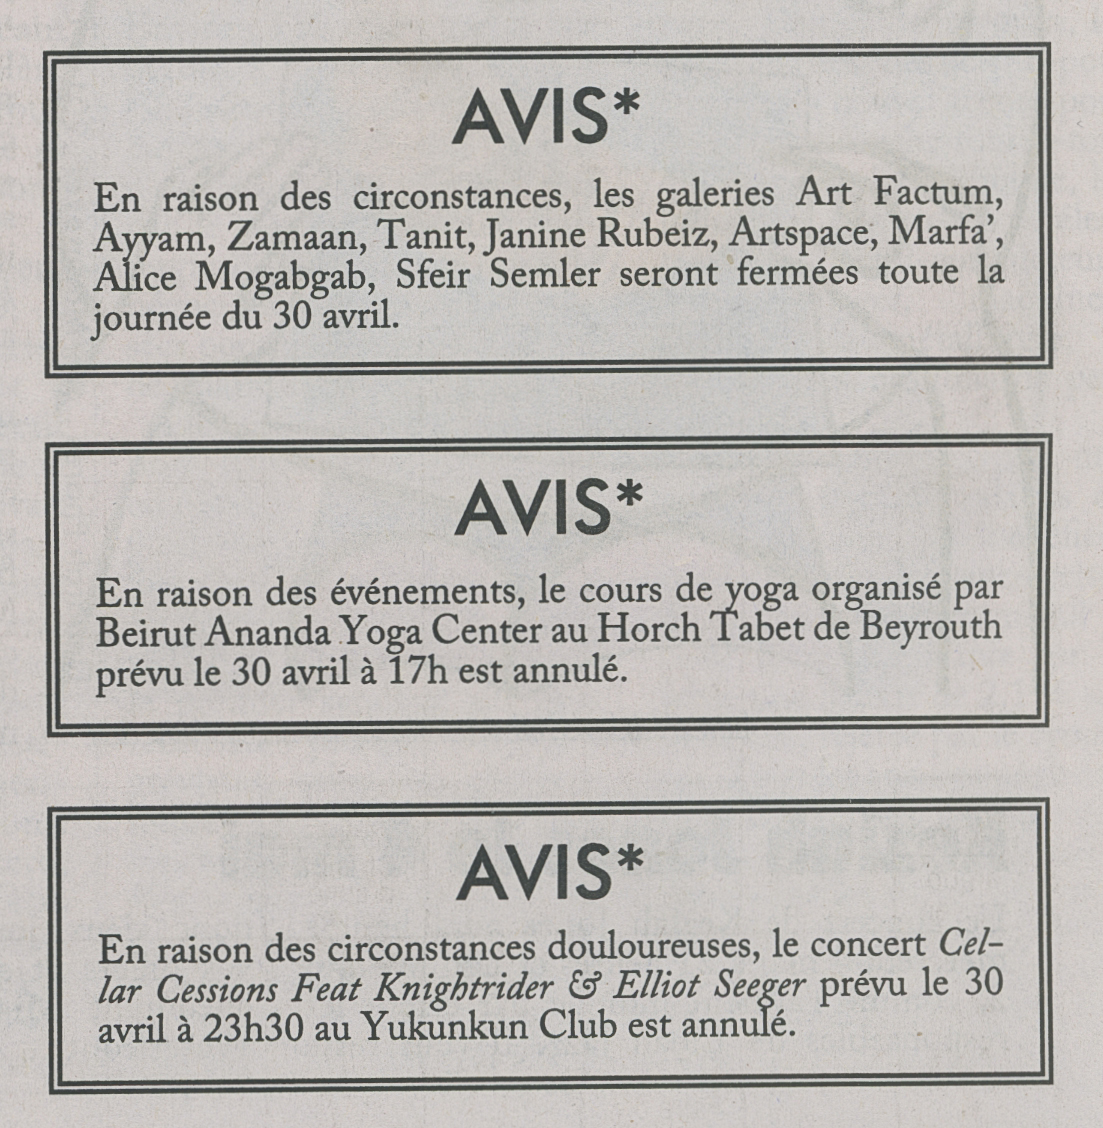 Avis_11.jpg